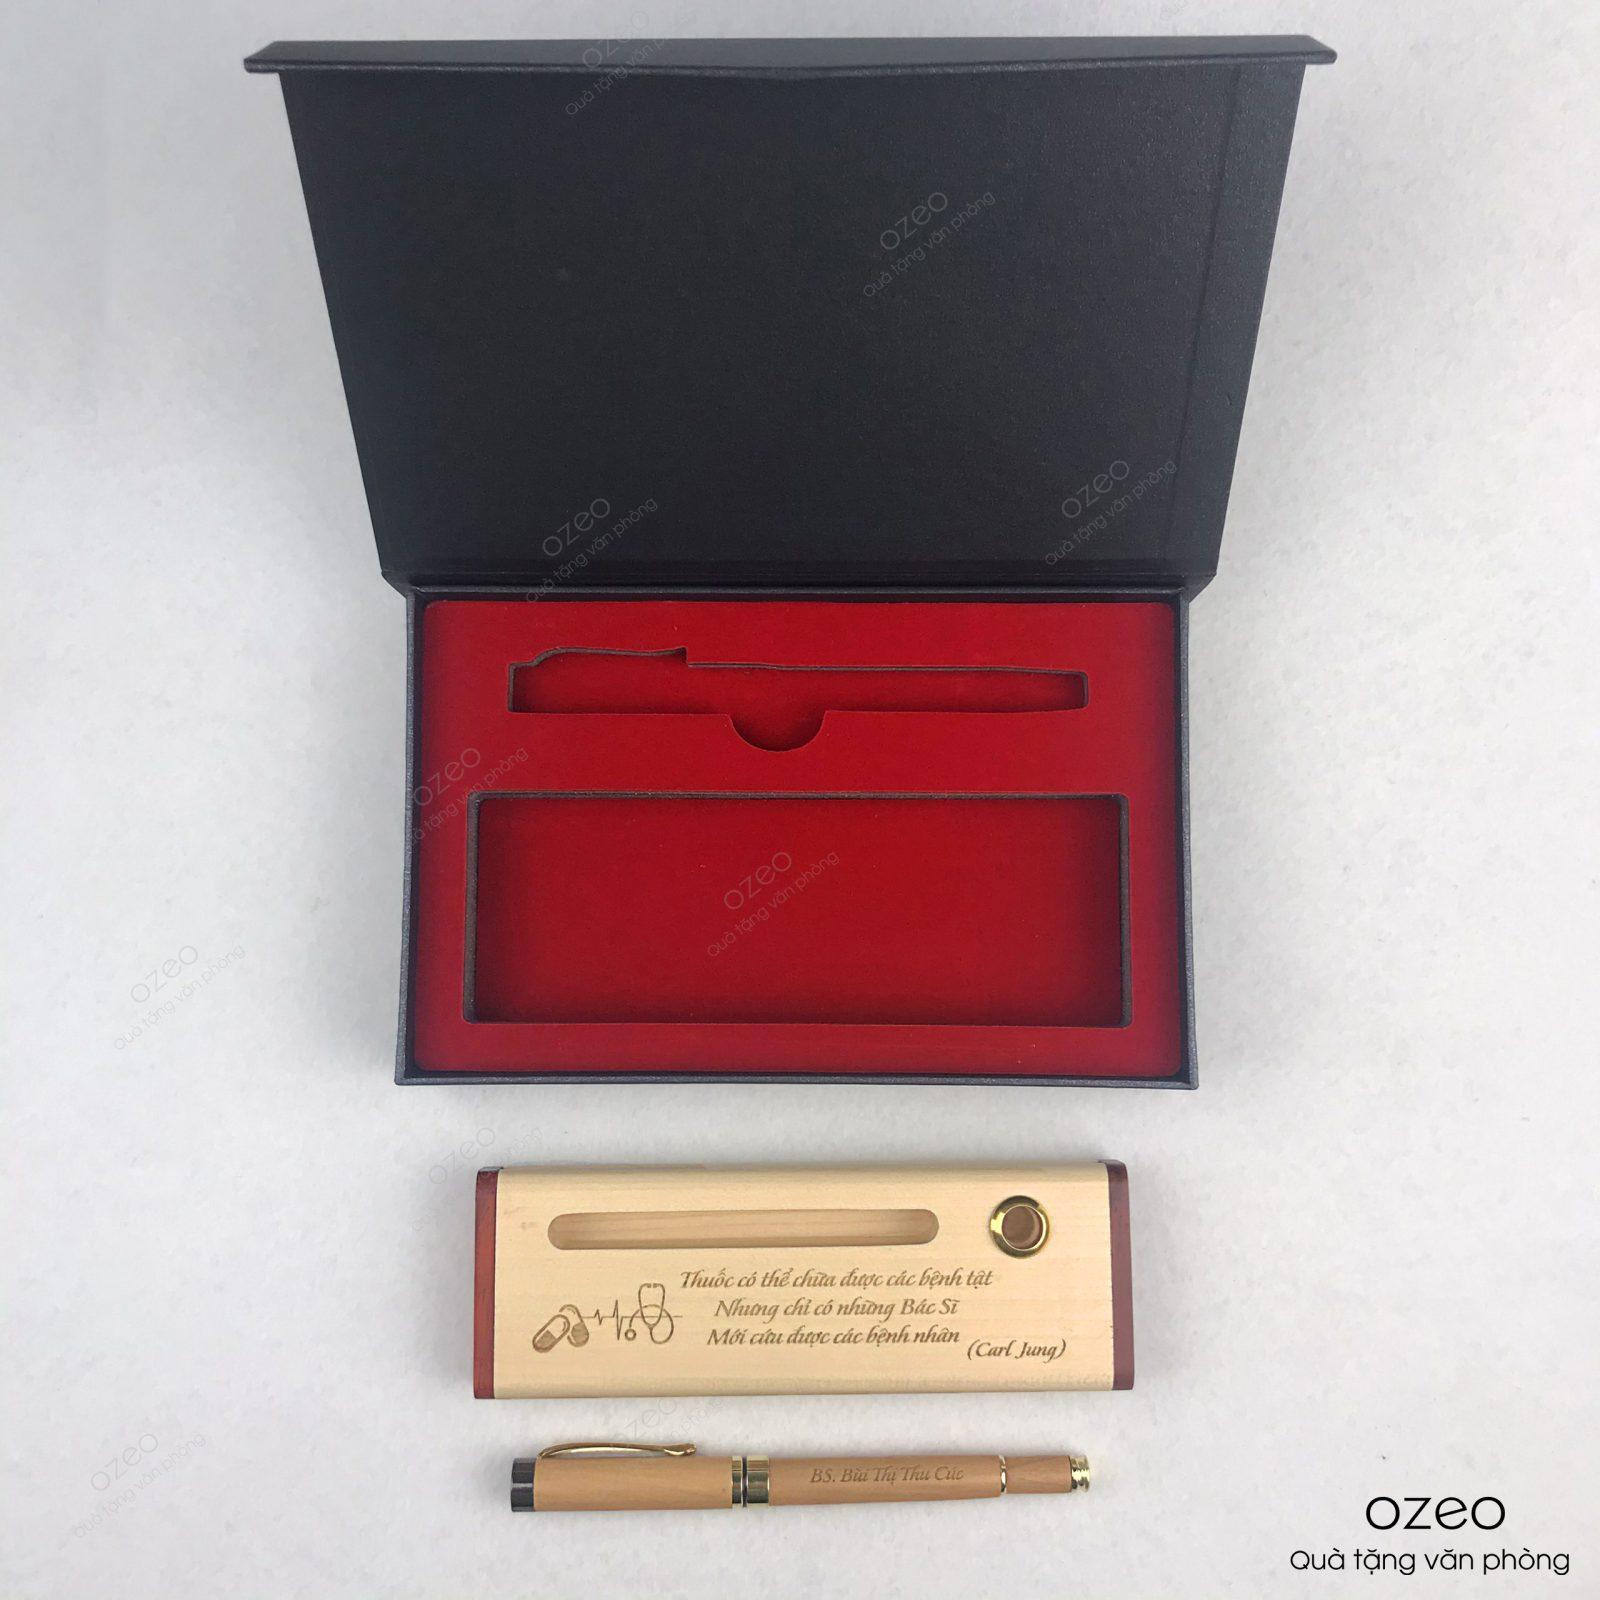 Bộ bút gỗ cao cấp làm quà tặng bác sĩ khắc tên/logo theo yêu cầu.